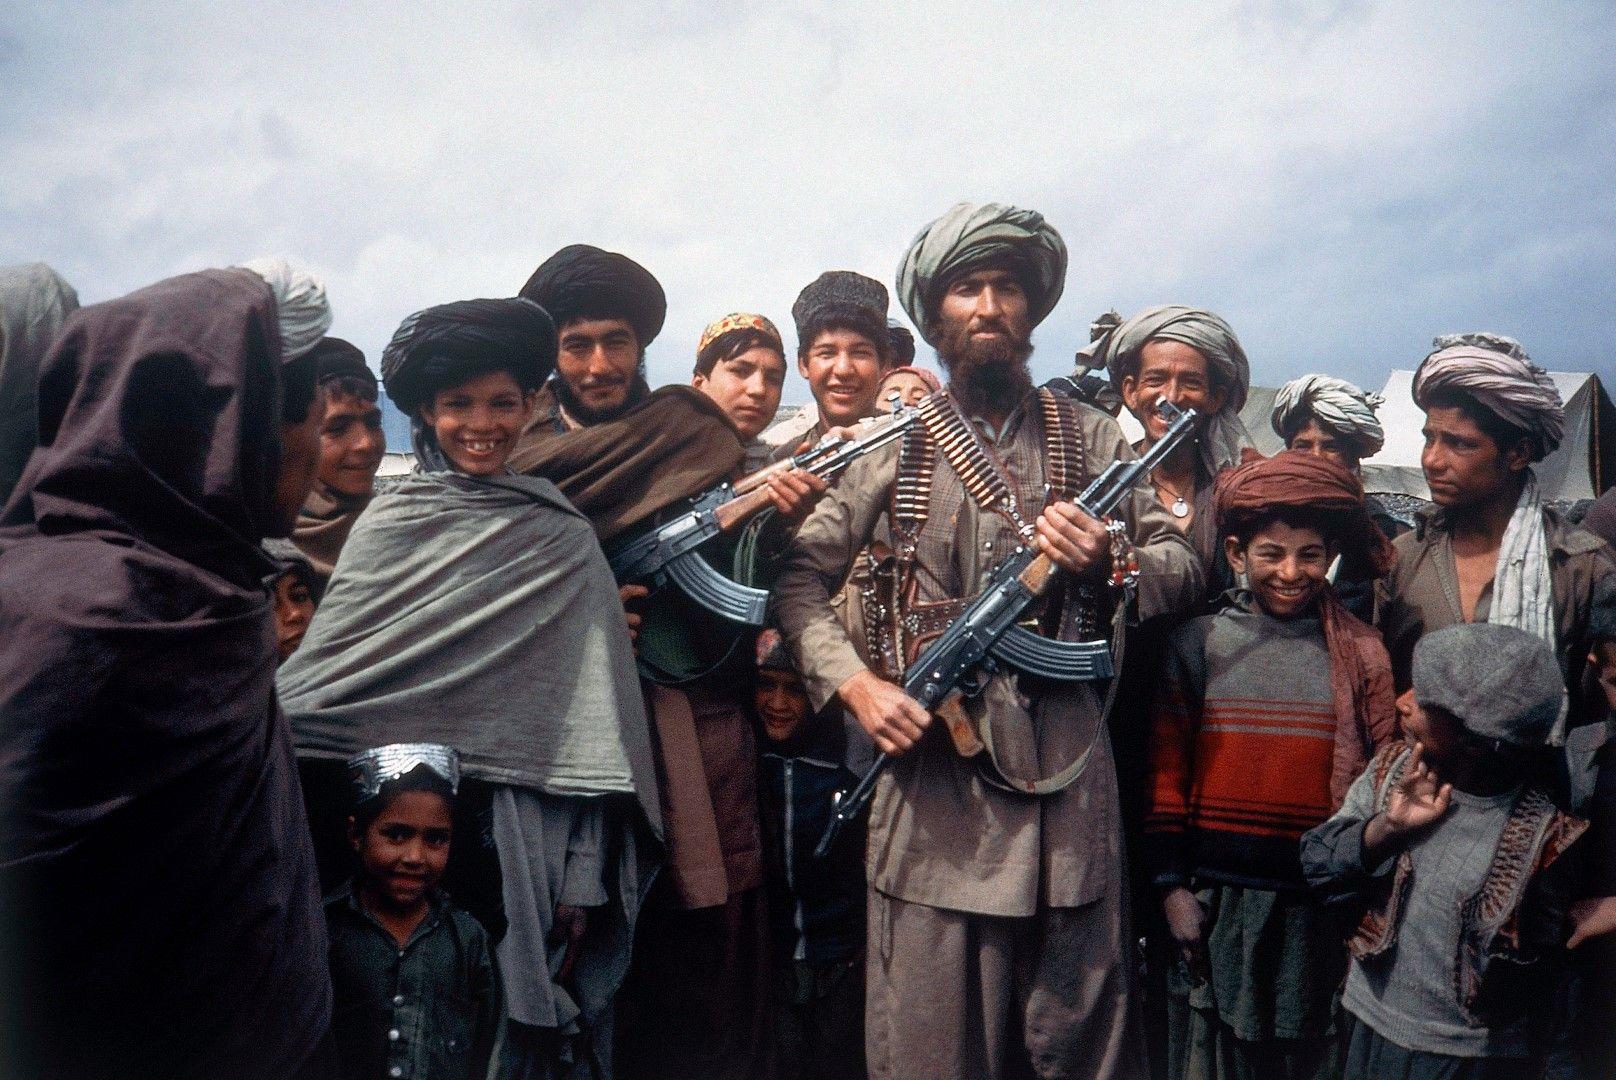 Въоръжената опозиция на муджахидините в Афганистан, 1984 г.